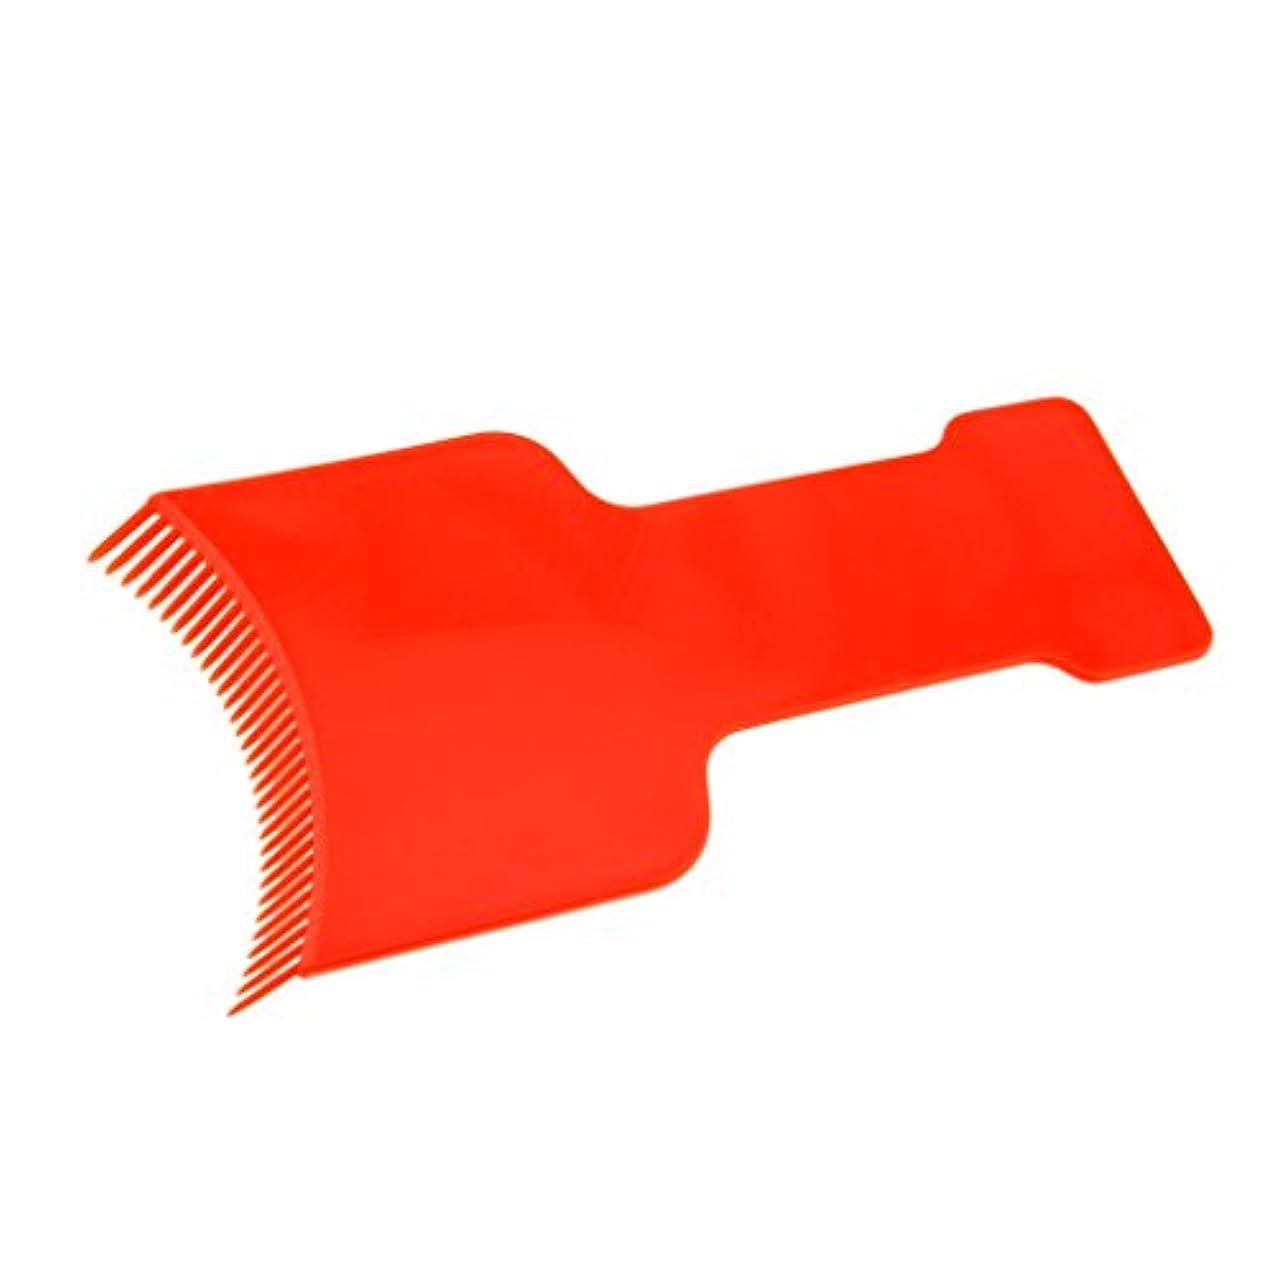 マイルストーン密捕虜染色ボード 染色櫛 プレート ヘアダイコーム ヘアダイブラシ ヘアカラーリング用品